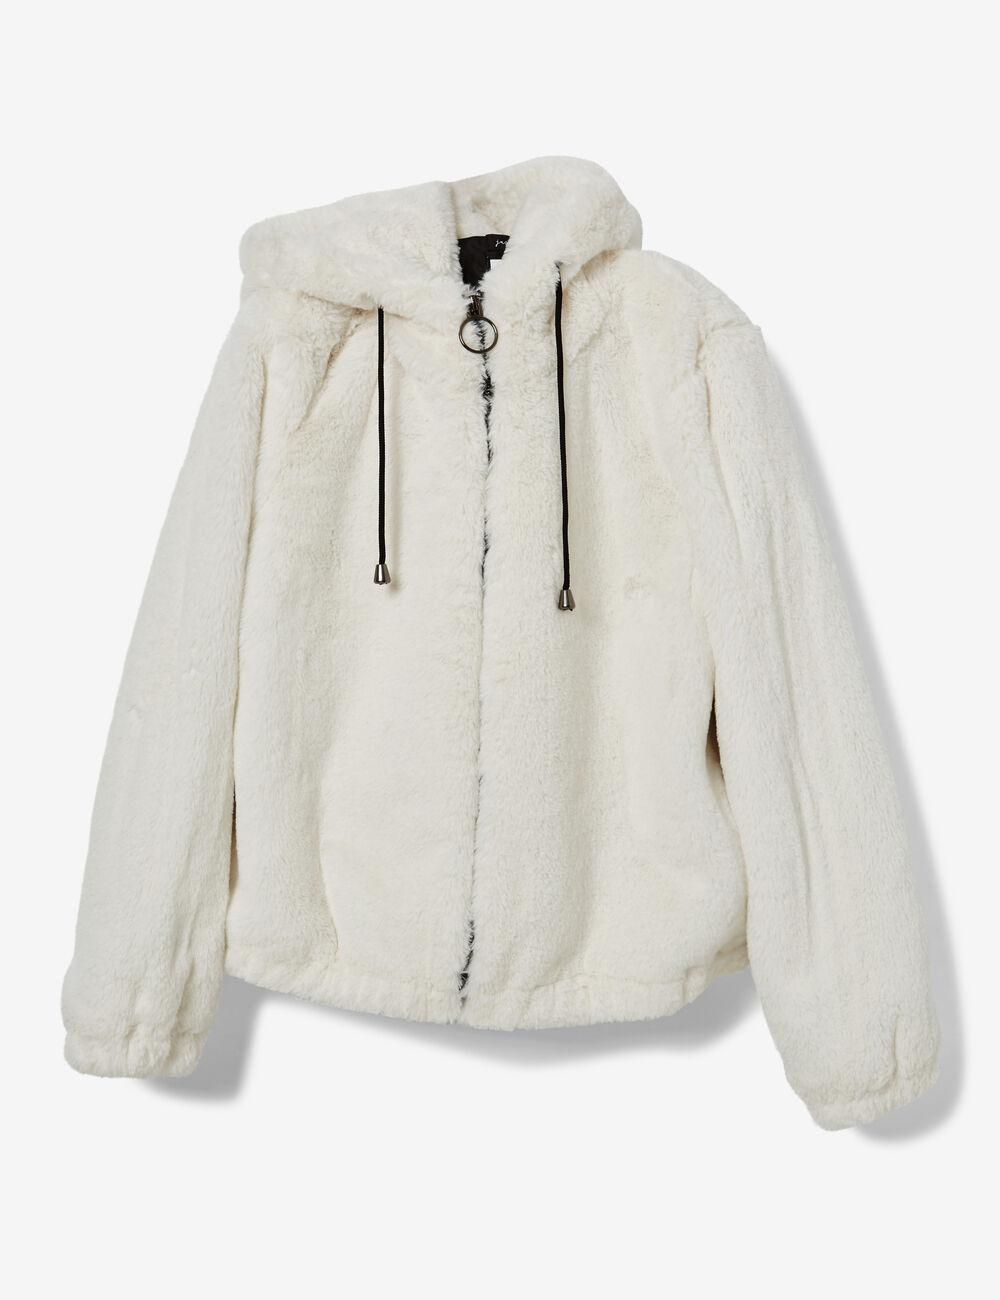 Fourrure Manteau Femme Qbi0wcxt Blanc Fausse XikZwOPuT